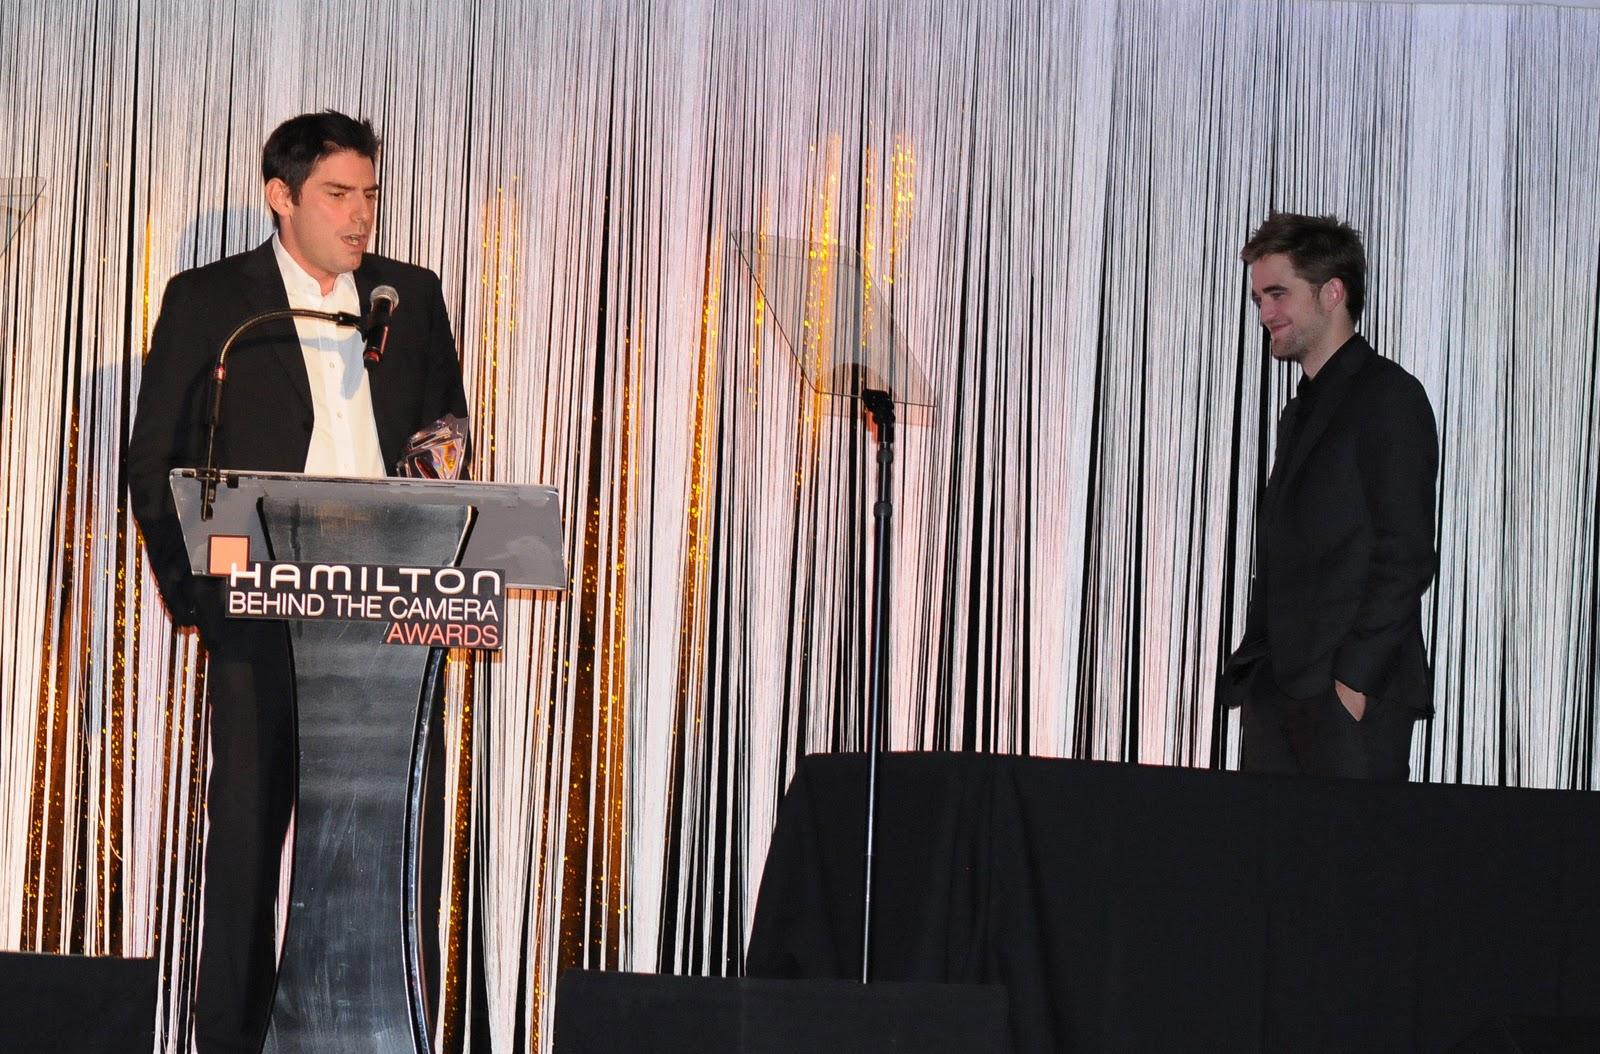 http://4.bp.blogspot.com/-afawWA4AWEo/TrmbMQEeKJI/AAAAAAAAByA/tDCYxkIRWco/s1600/Chris+Weitz+Robert+Pattinson+2011.jpg